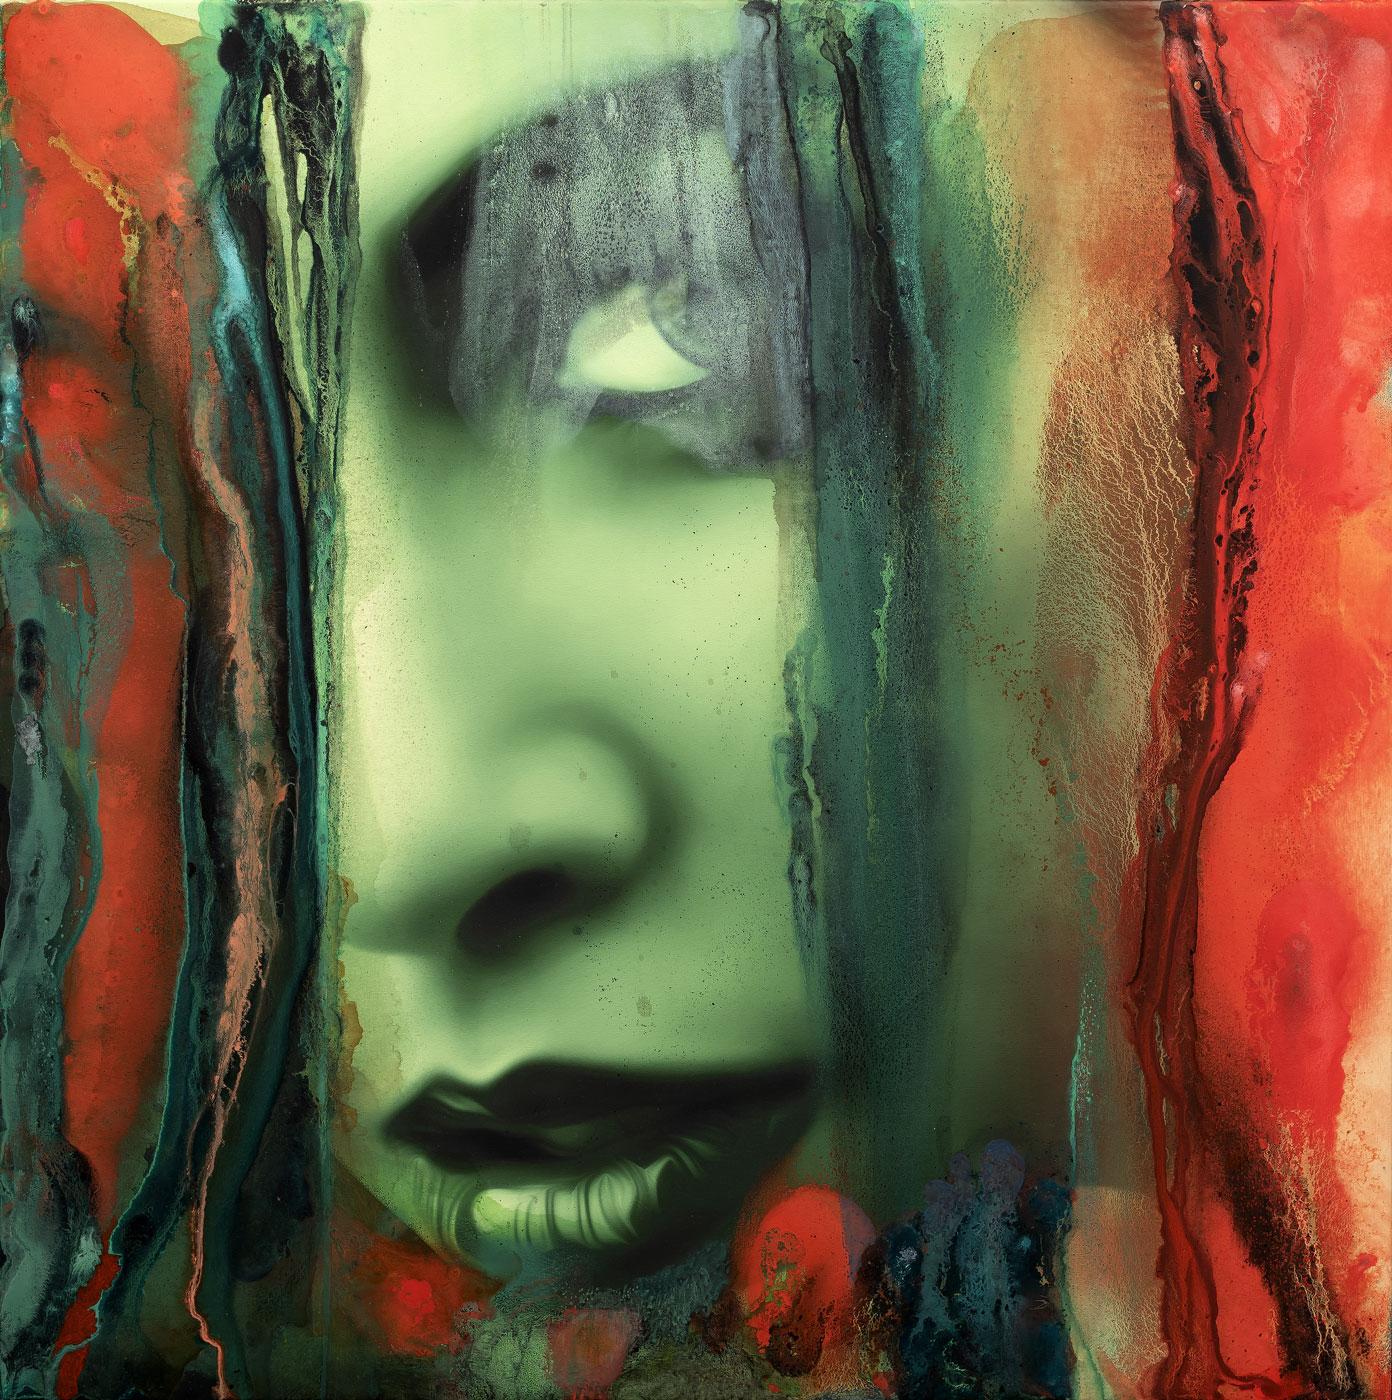 Skrytá podobizna 2, 2018, kombinovaná technika na plátně, 100x100 cm